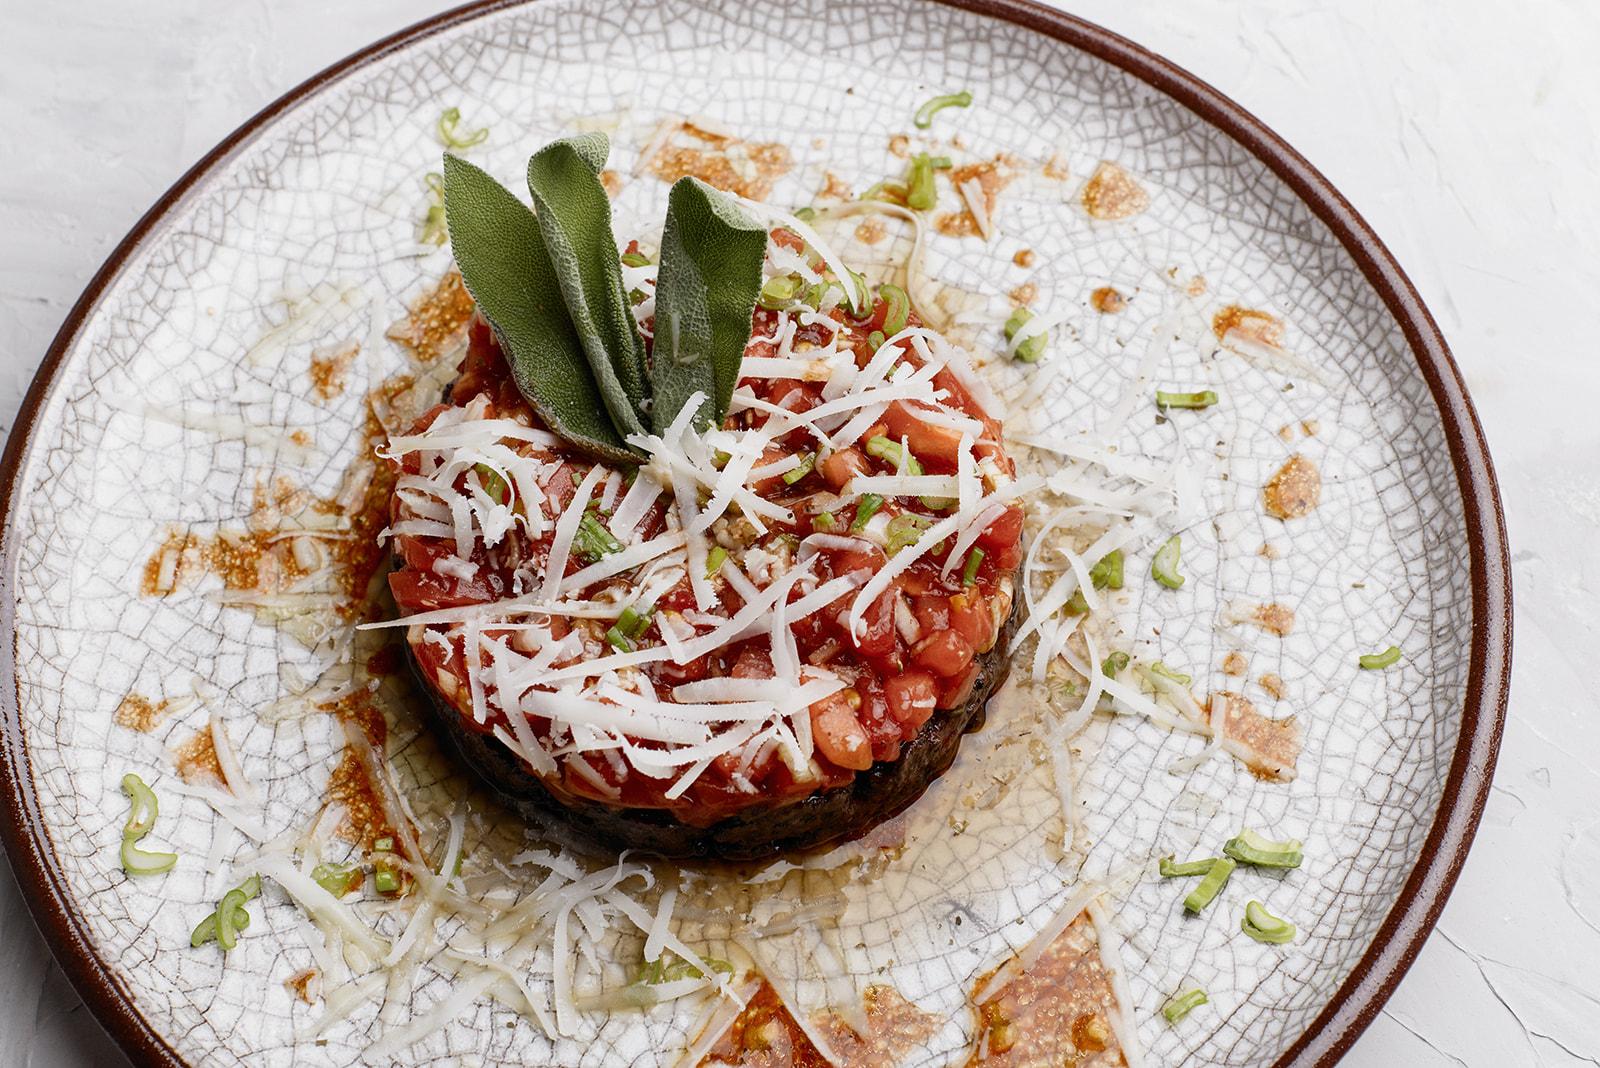 Receta de Tartar de morcilla de León y tomate de Mansilla de León